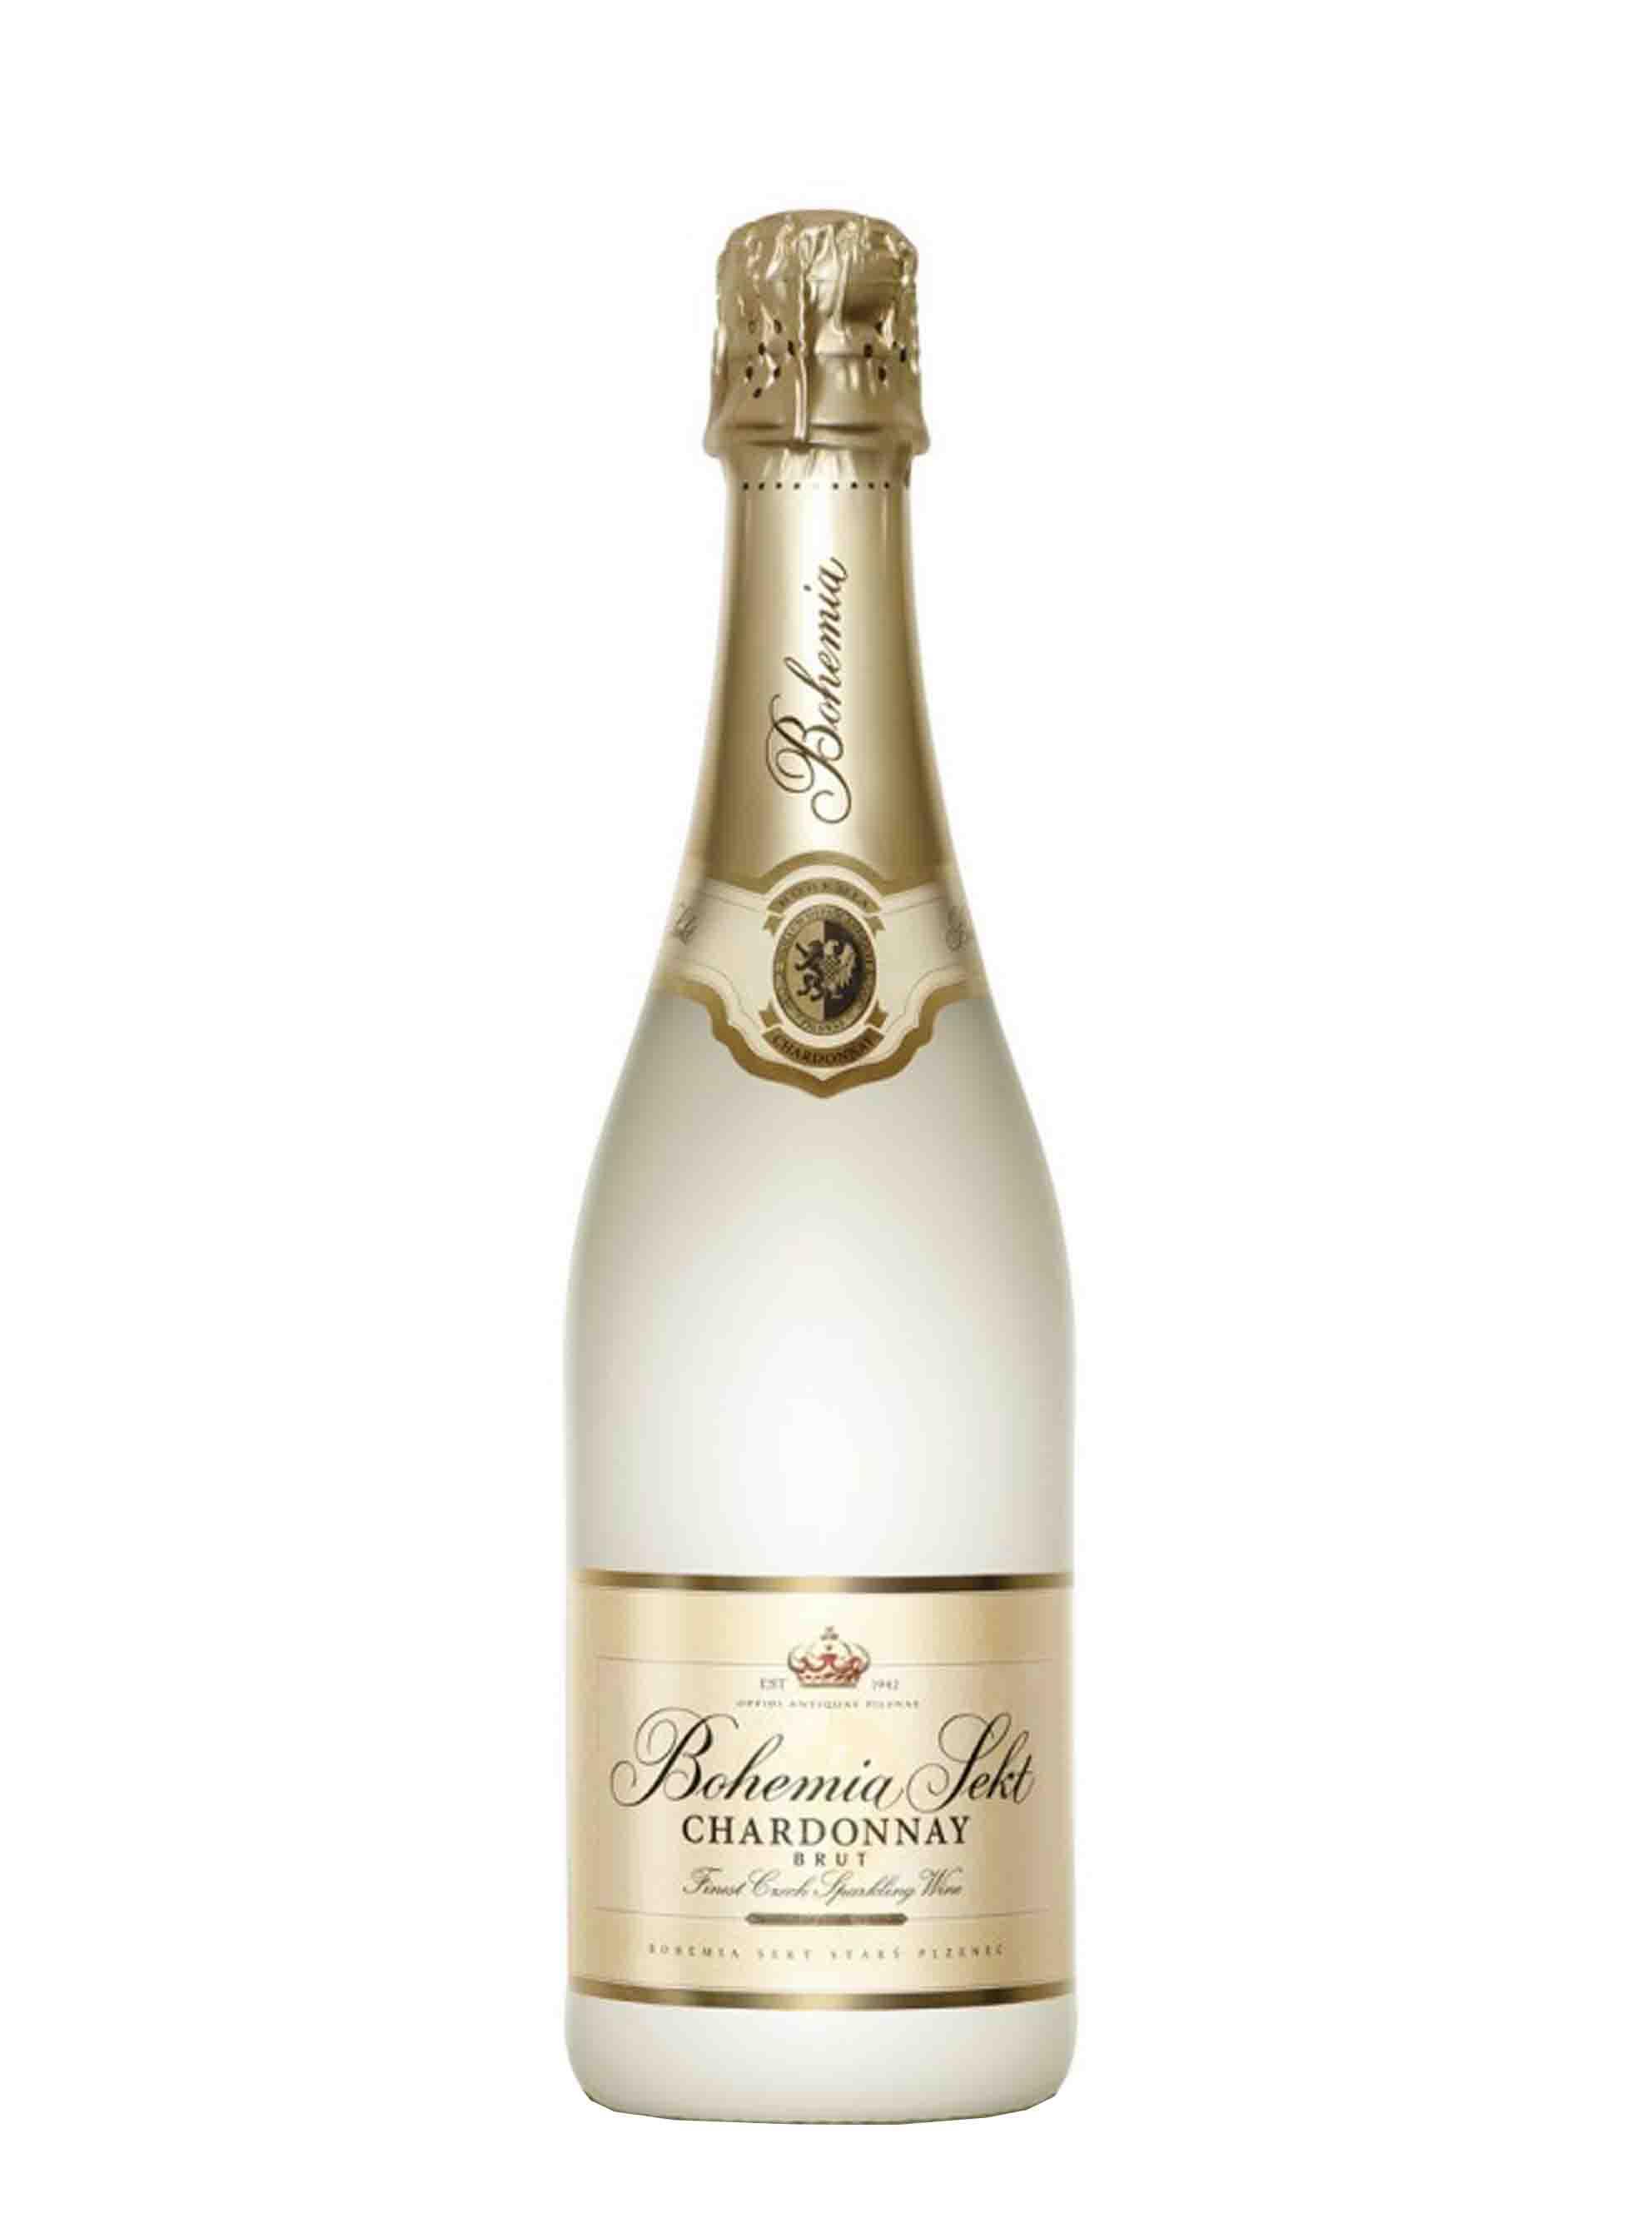 Chardonnay, Jakostní šumivé, Bohemia sekt, 0.75 l